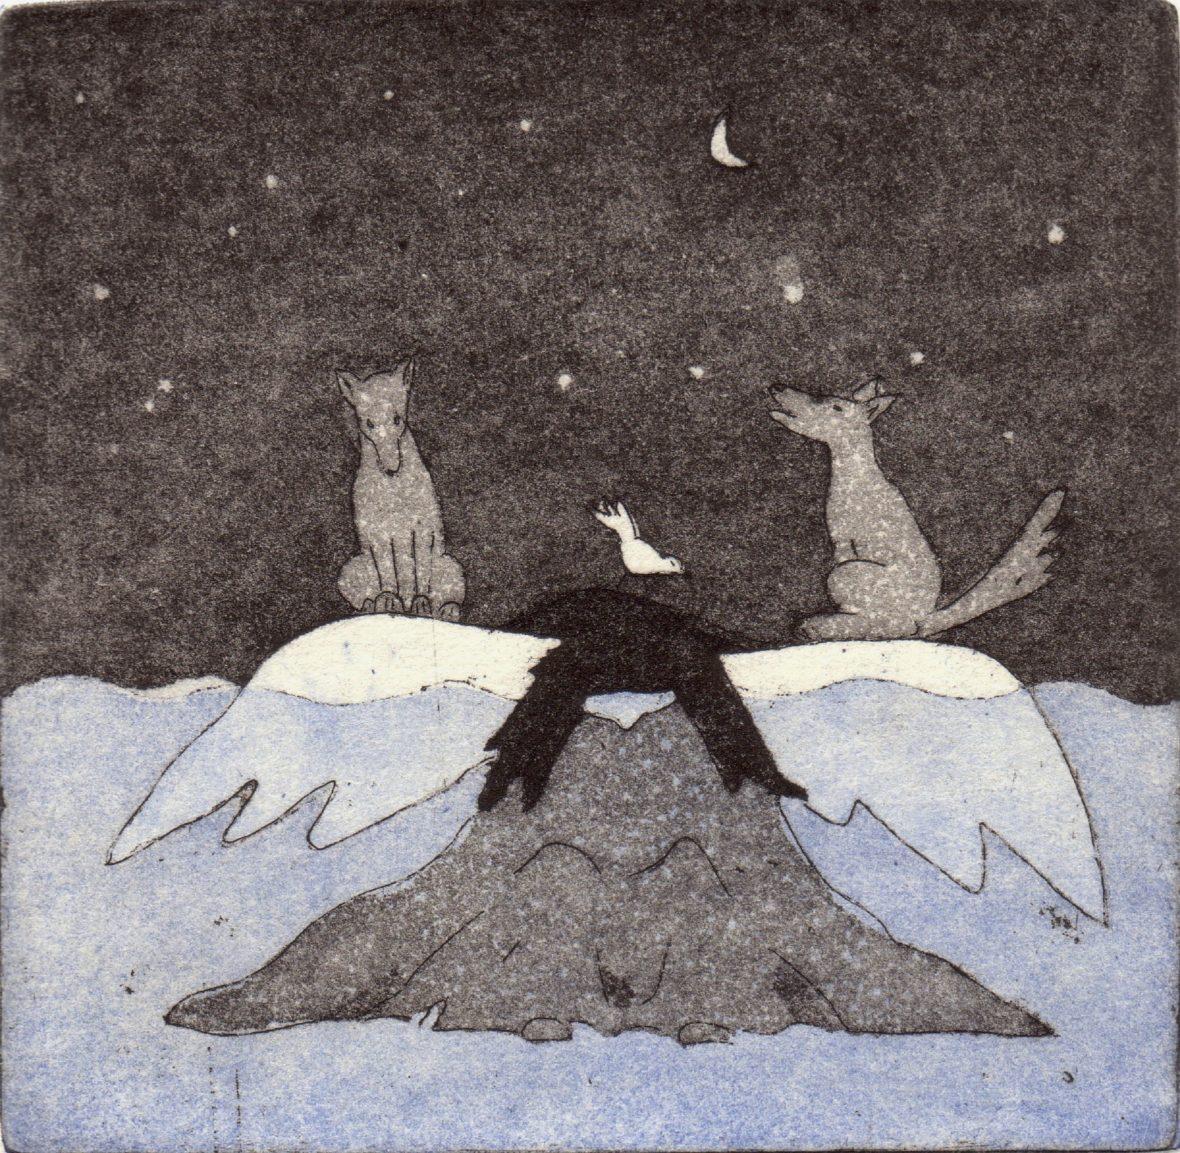 Saarenhaltija, Island's fairy